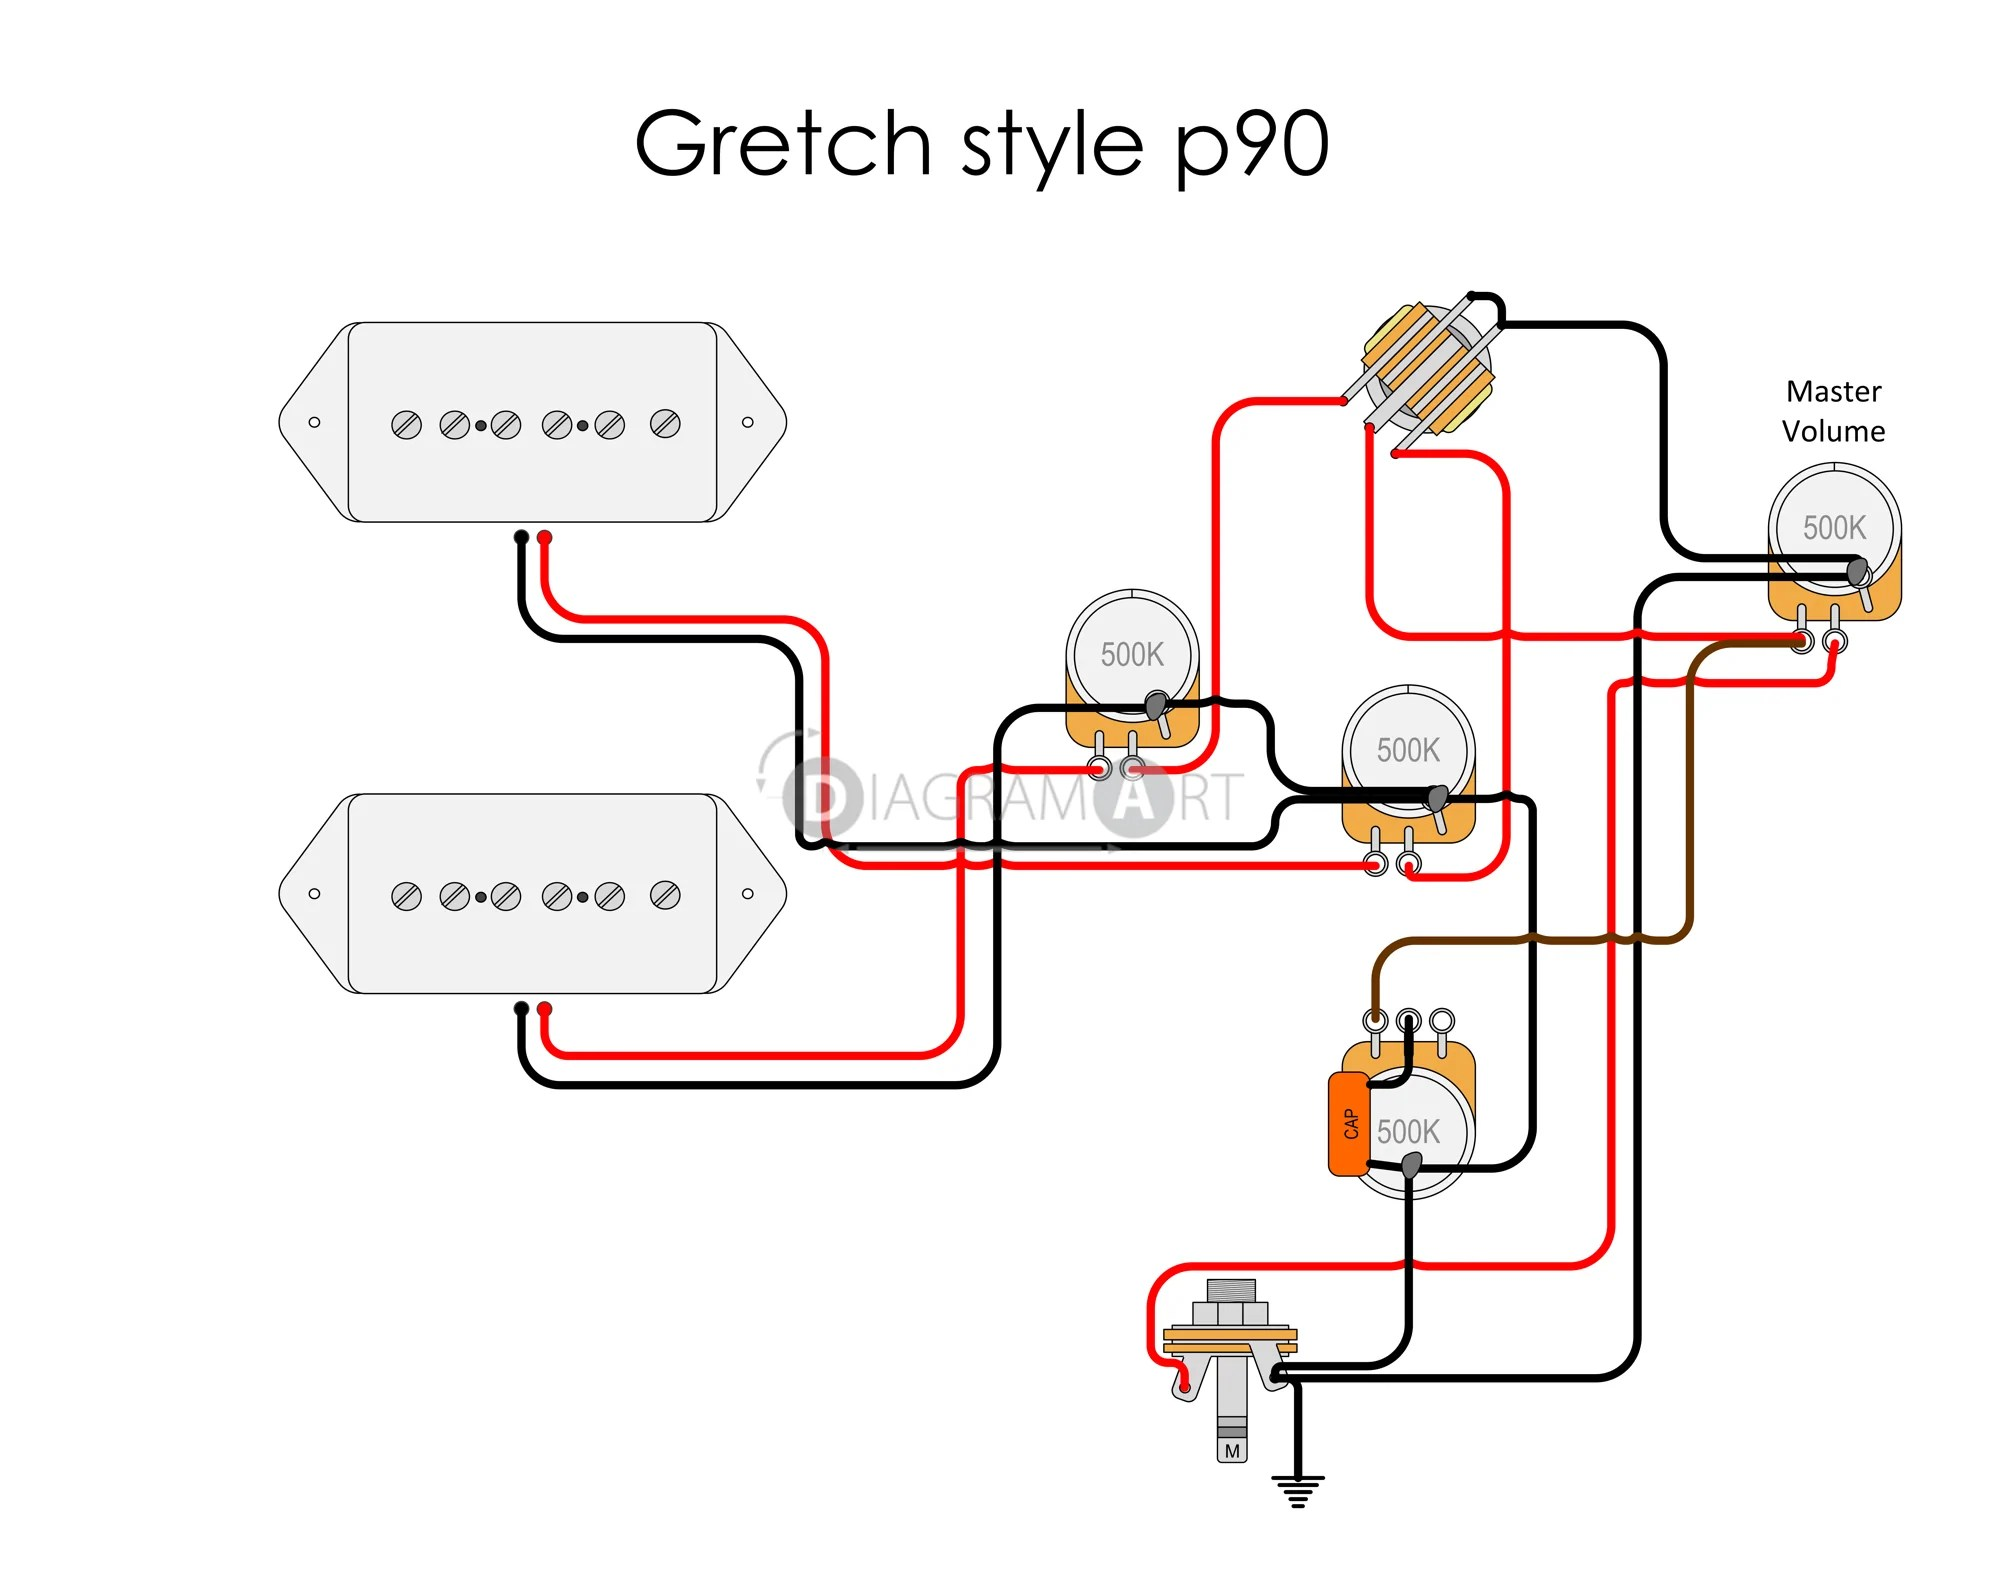 gibson p 90 guitar wiring diagrams wiring diagrams export 2006 yfz 450 wiring diagram gibson p90 pickup wiring diagram [ 2000 x 1581 Pixel ]